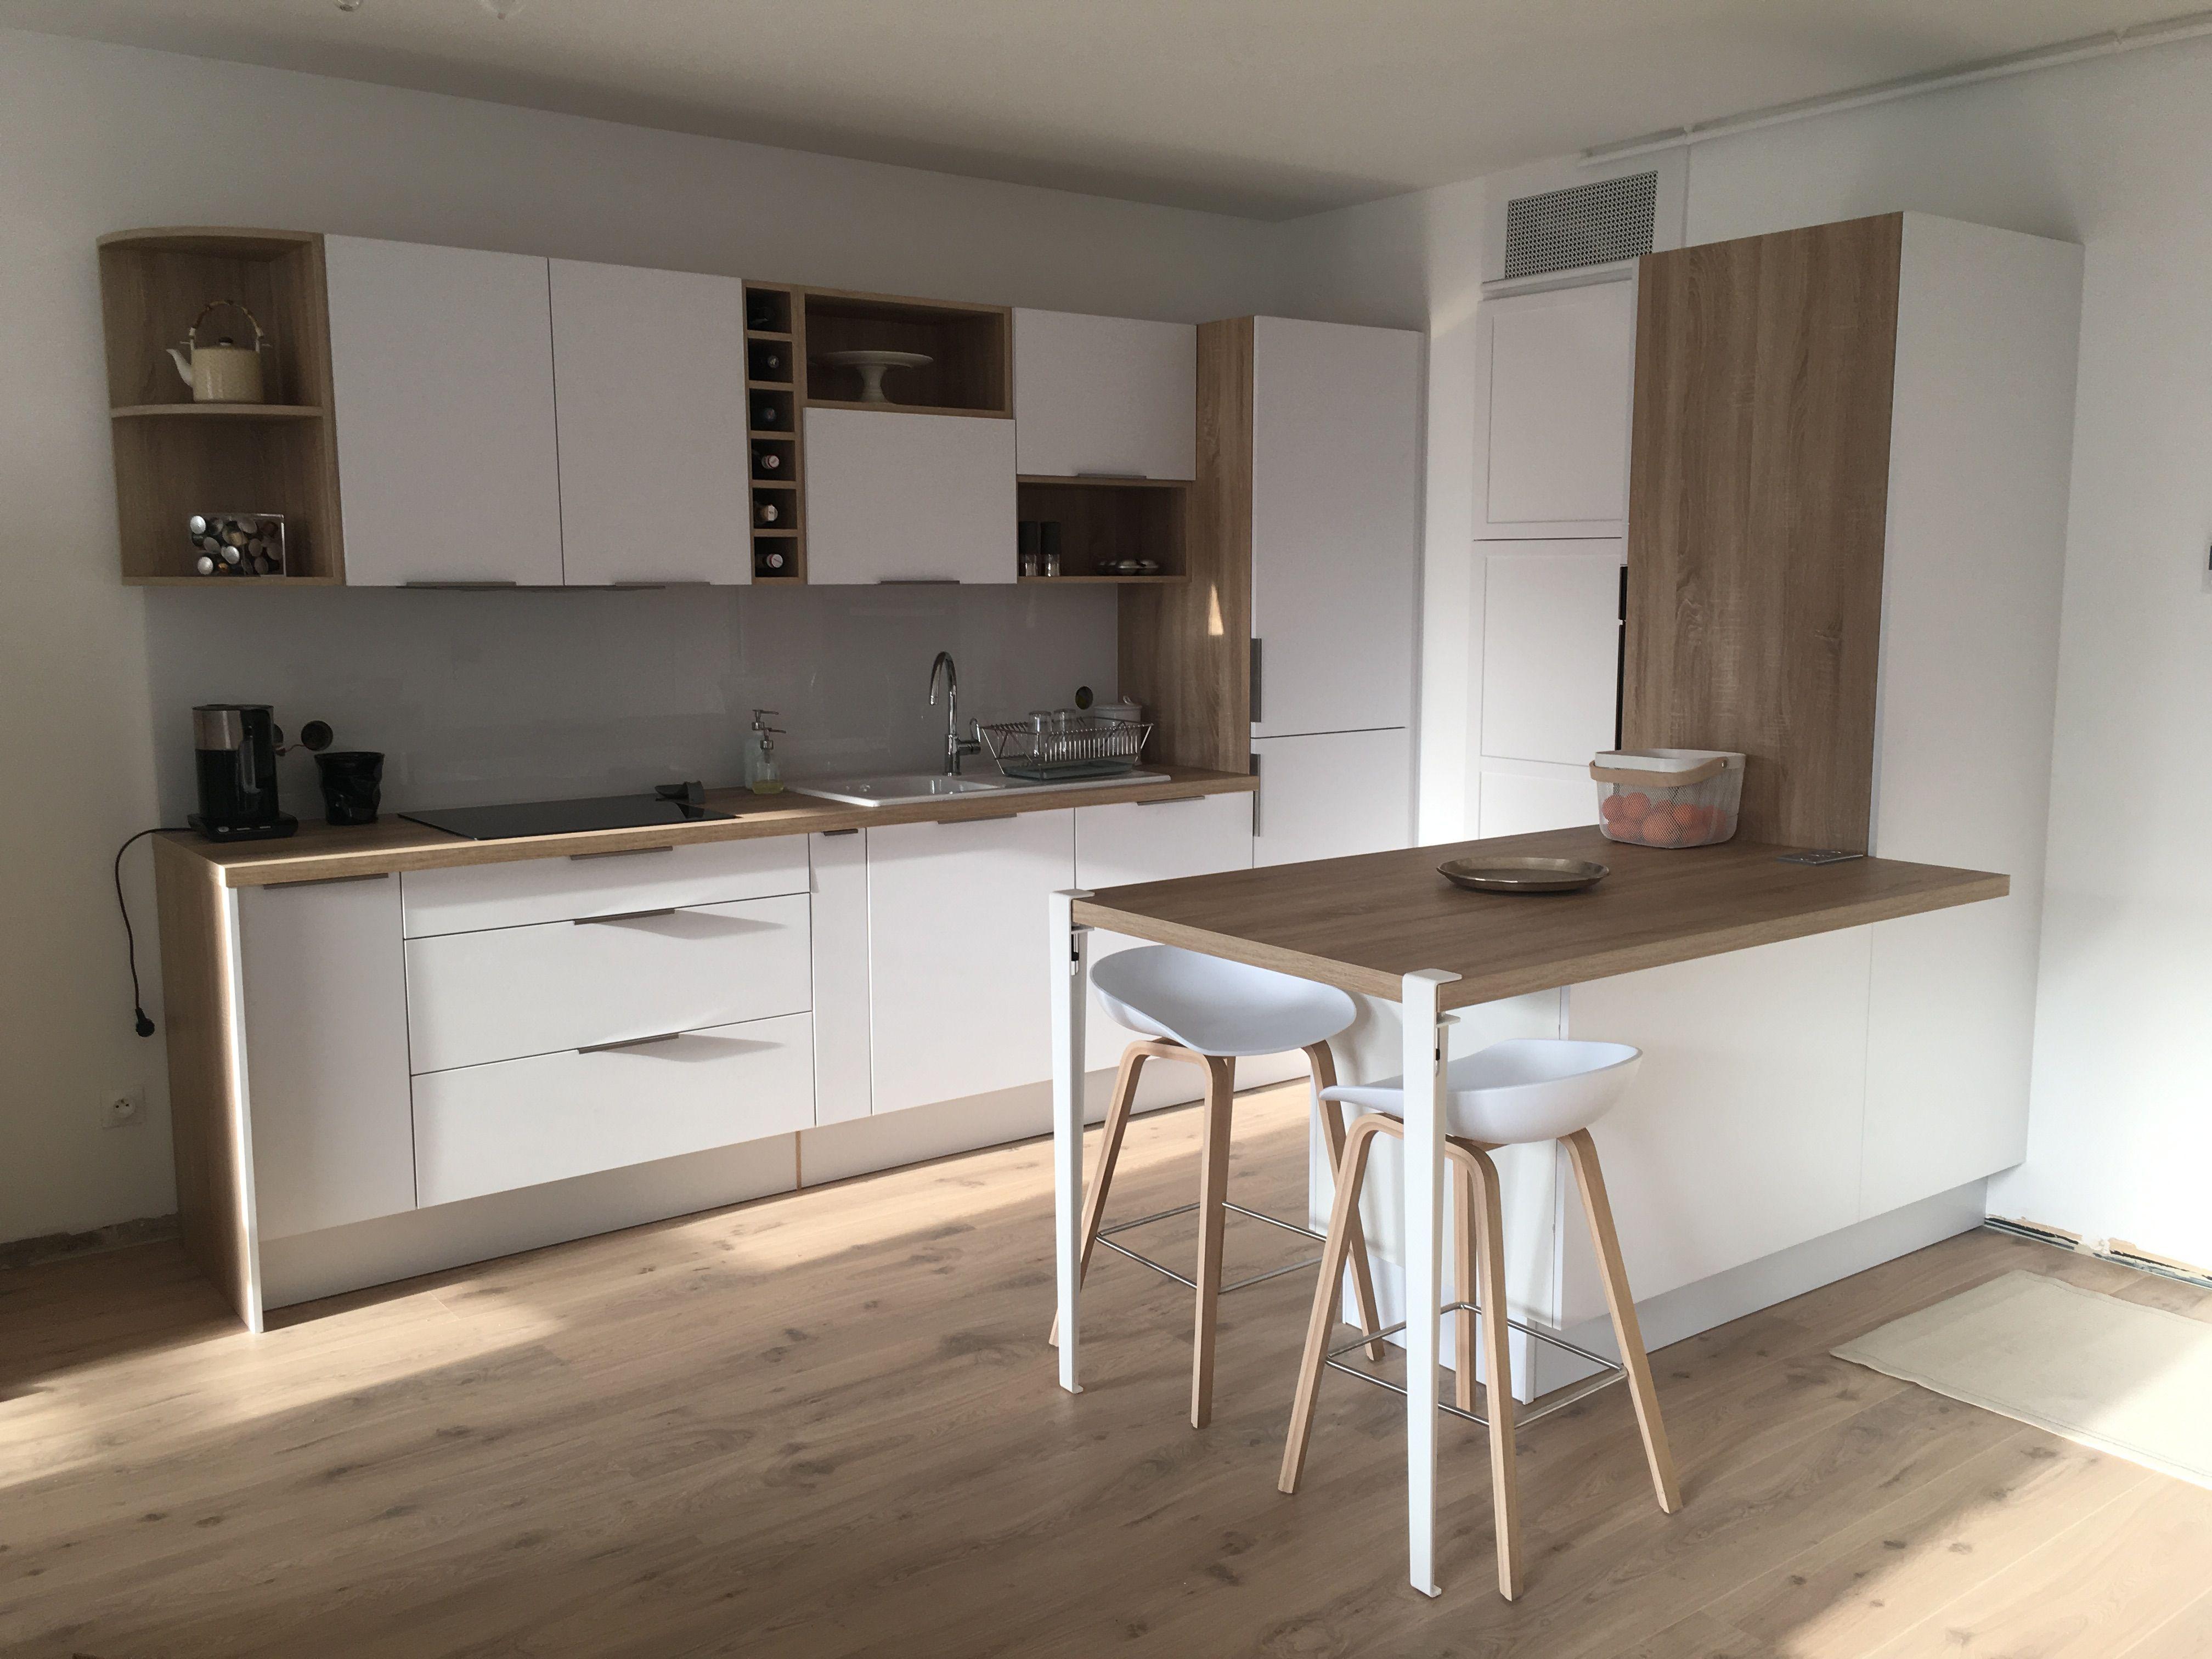 Plan De Travail Sur Pied.Pied Pour Plan De Travail 90cm Cuisine Kitchen En 2019